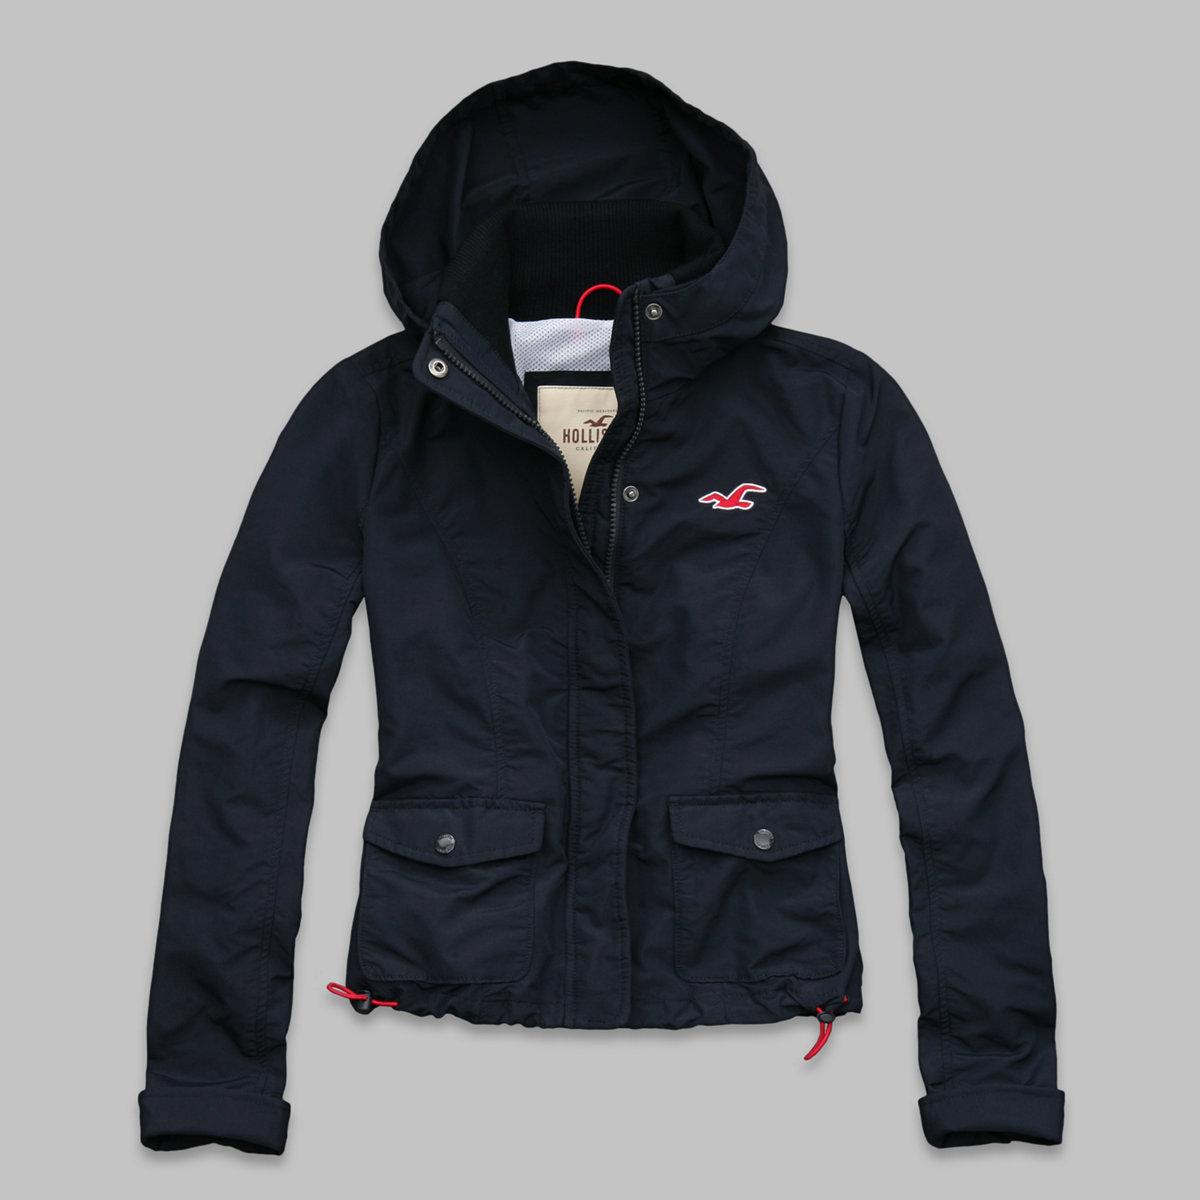 North Jetty Jacket